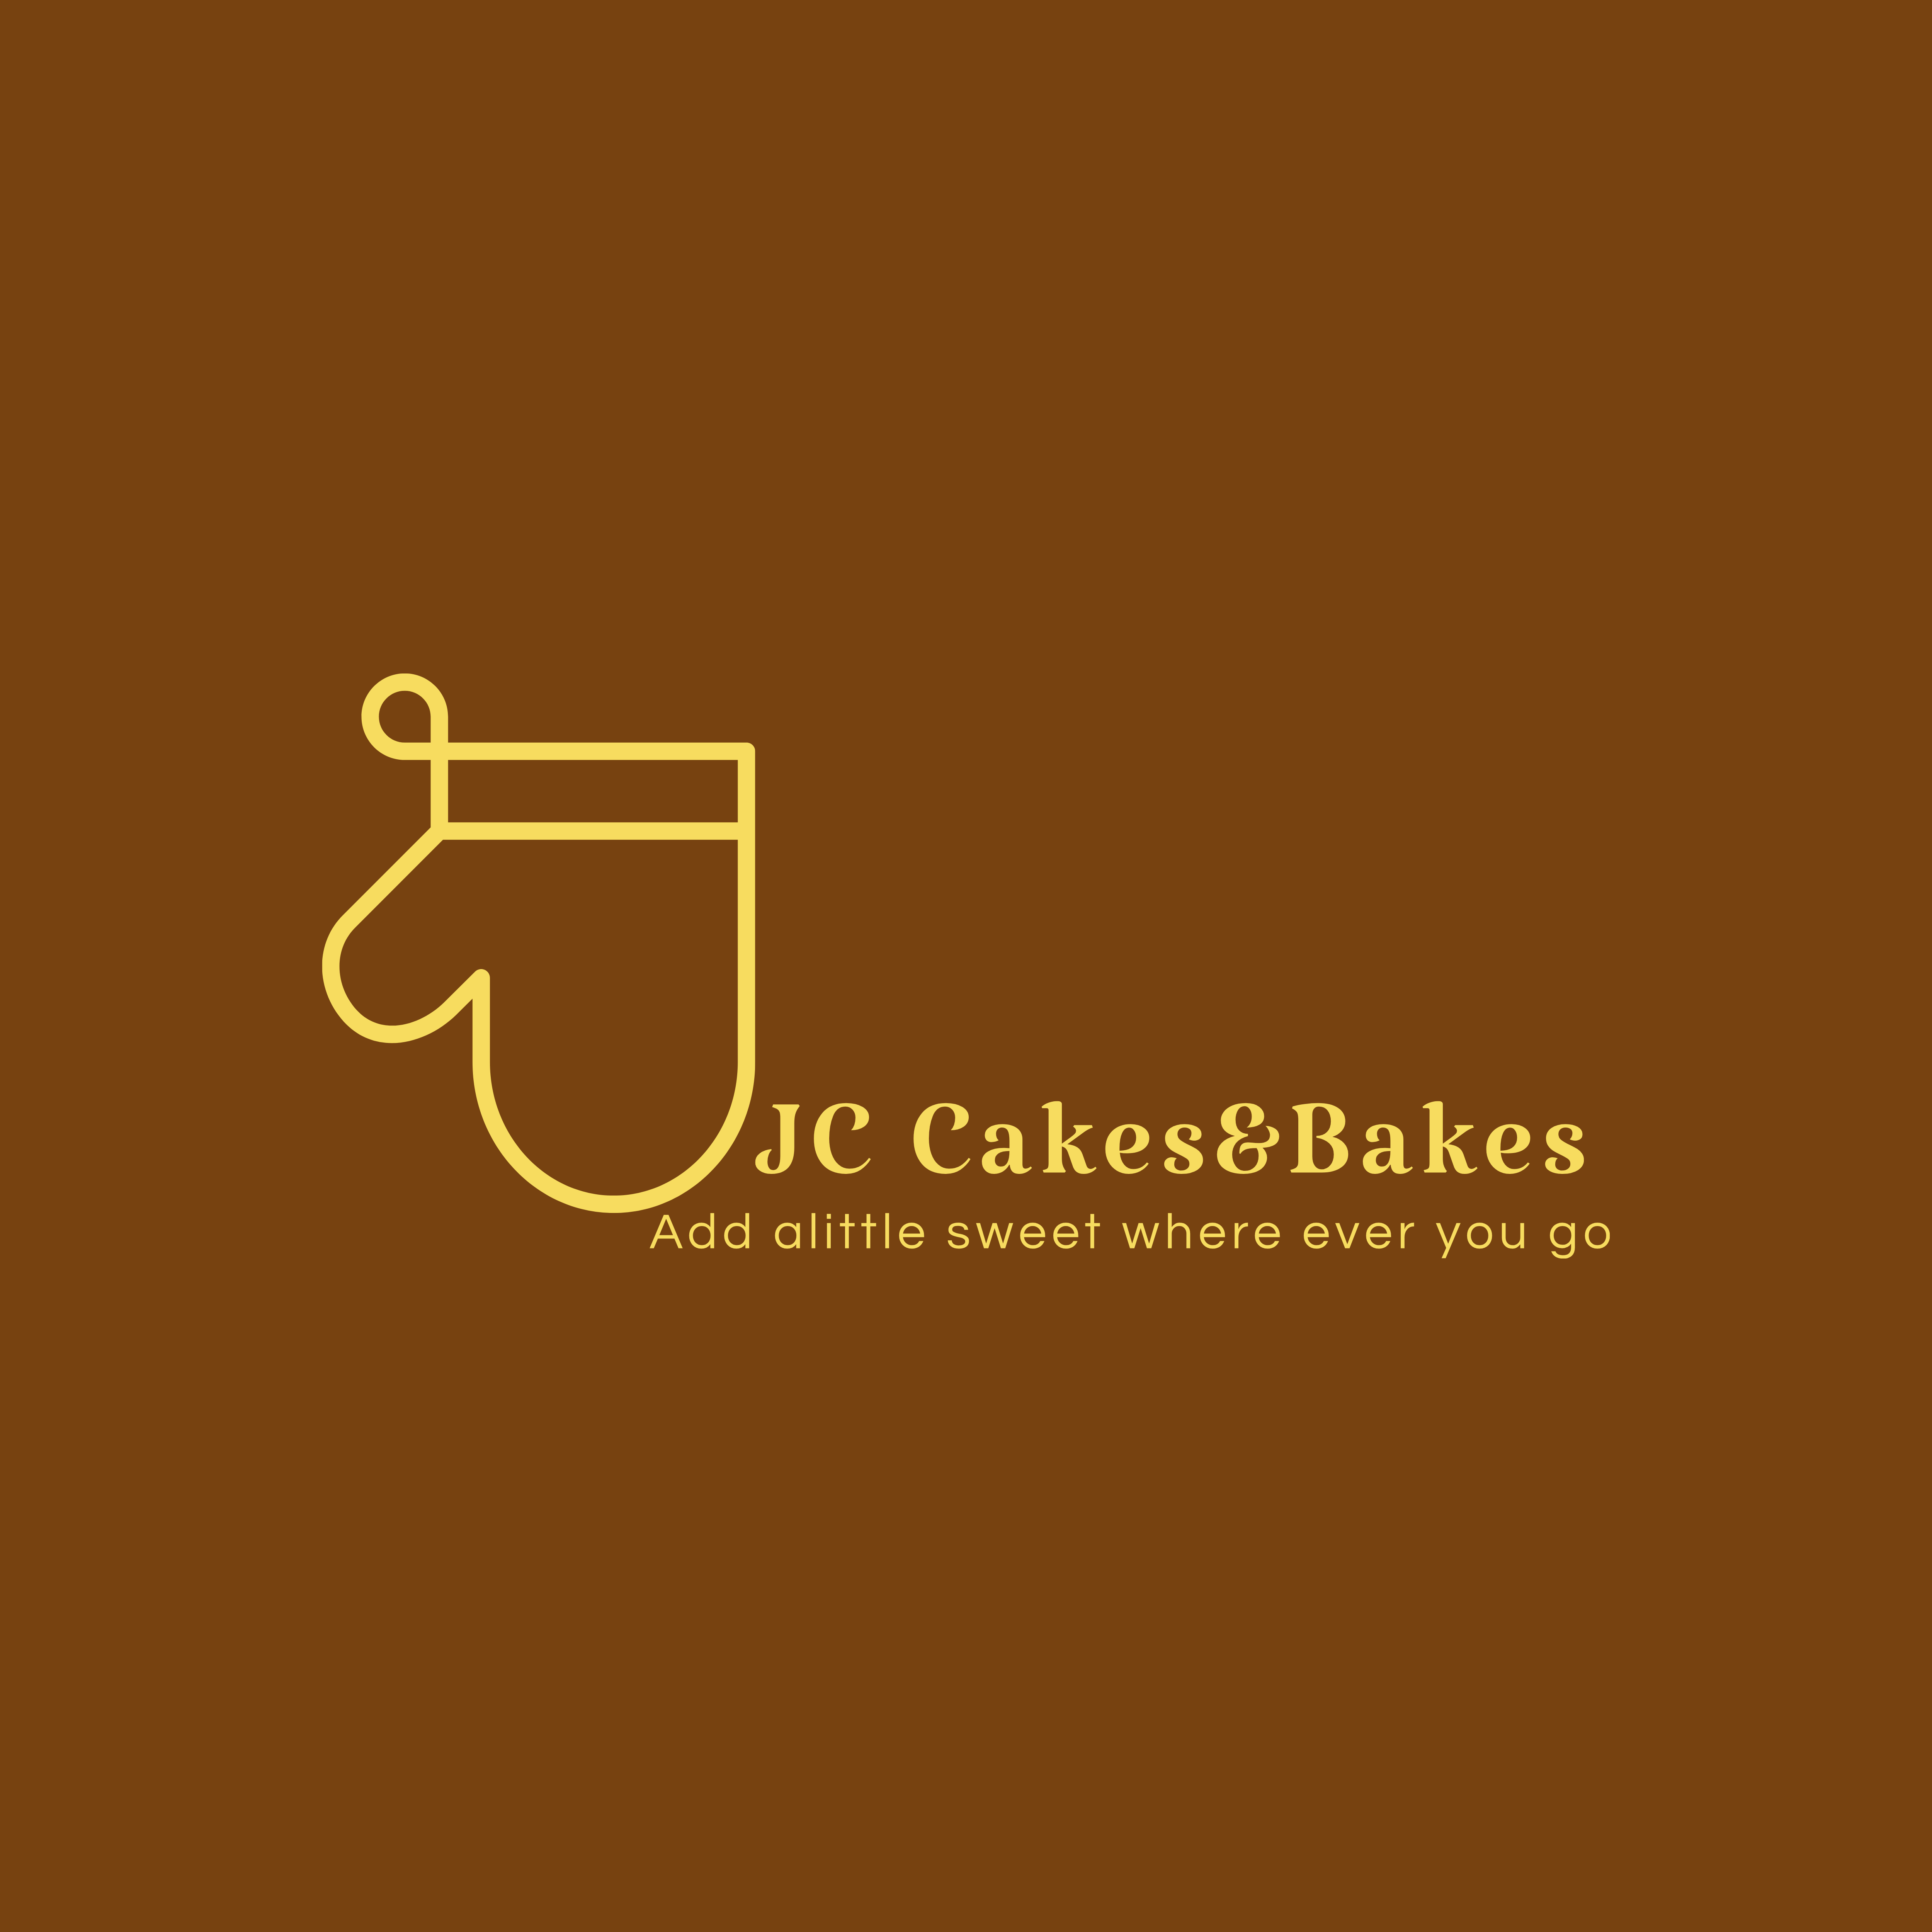 JC Cakes & Bakes